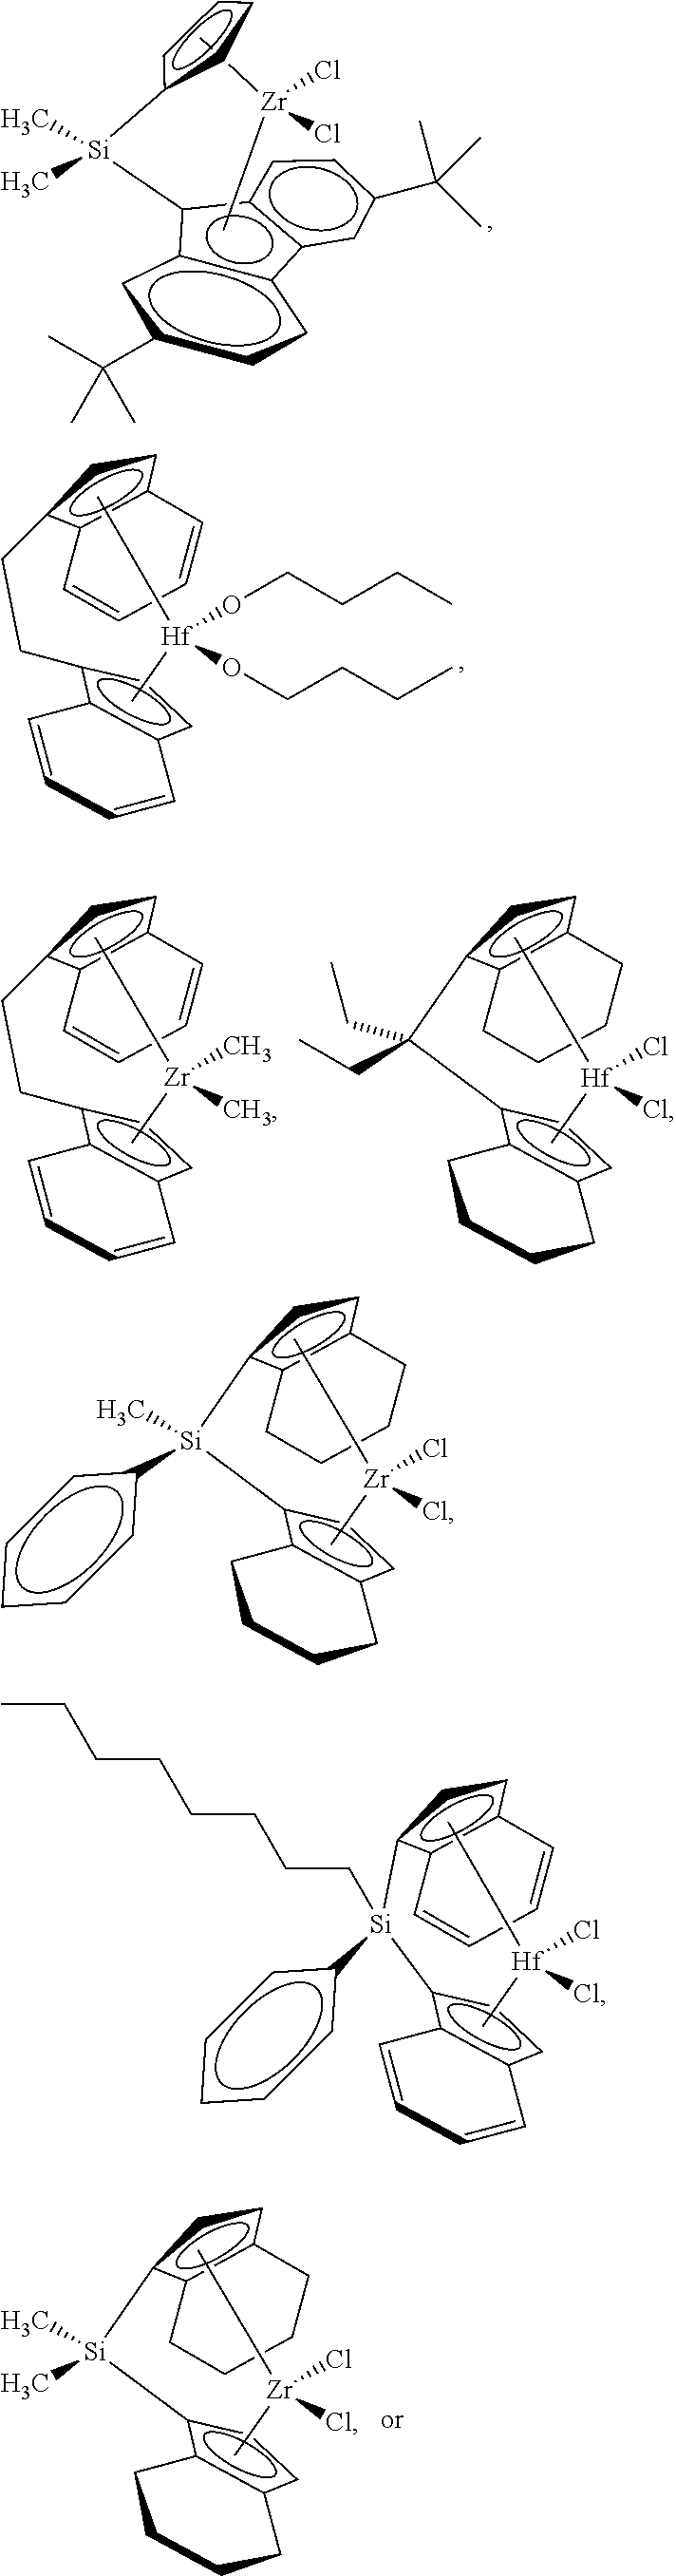 Figure US09334203-20160510-C00010